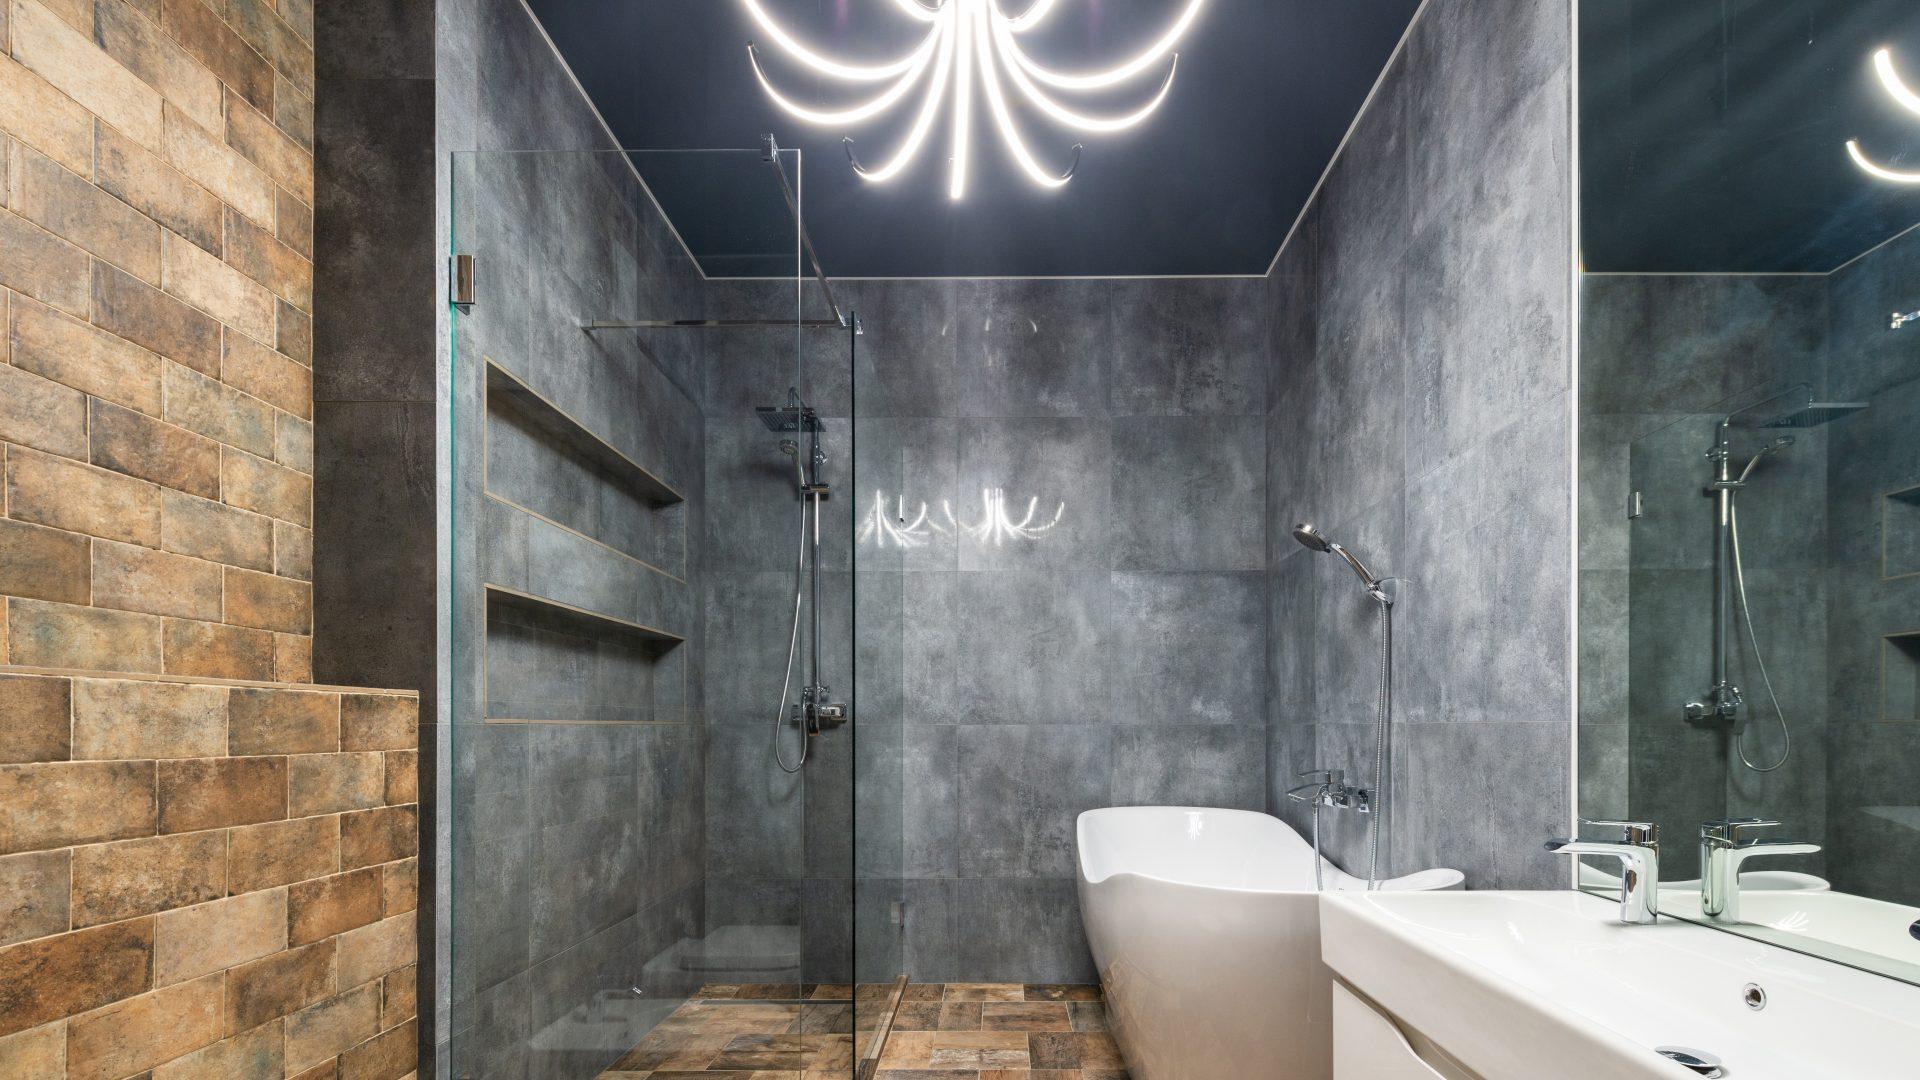 Douche de style industriel avec rubans LED décoratif